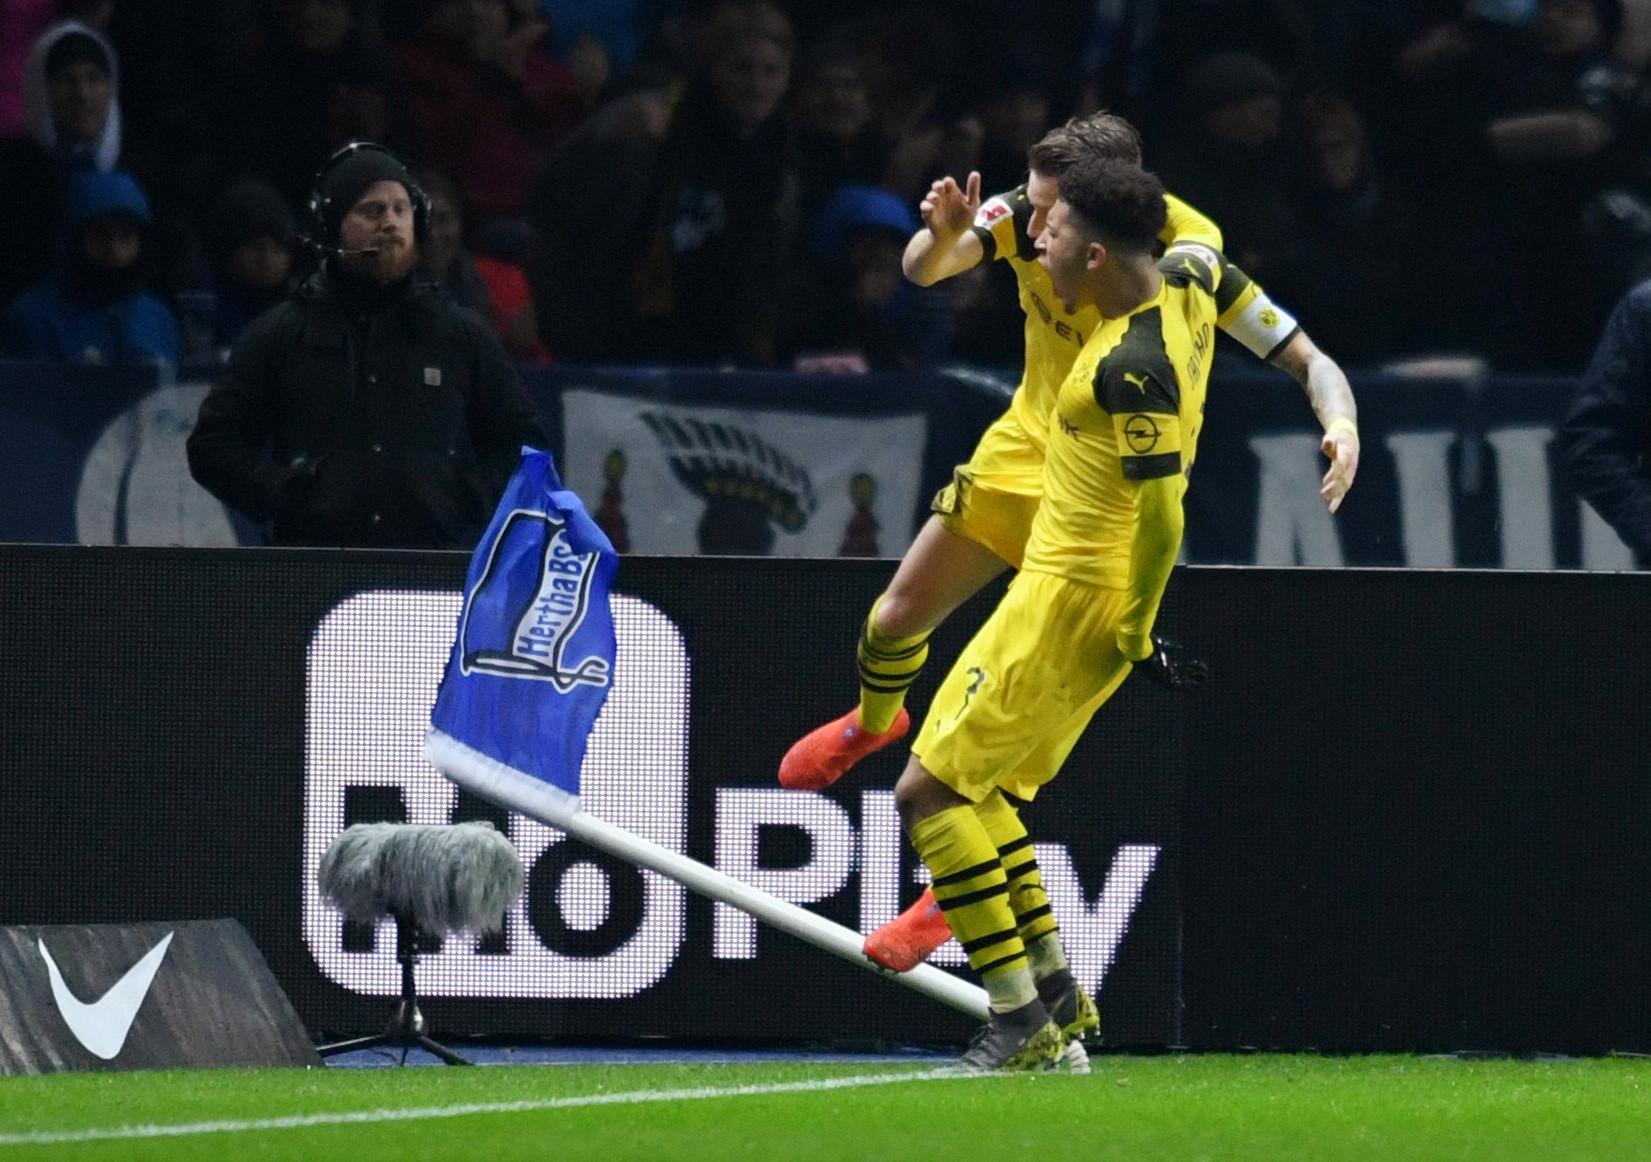 Borussia Dortmund assume liderança provisória da liga alemã